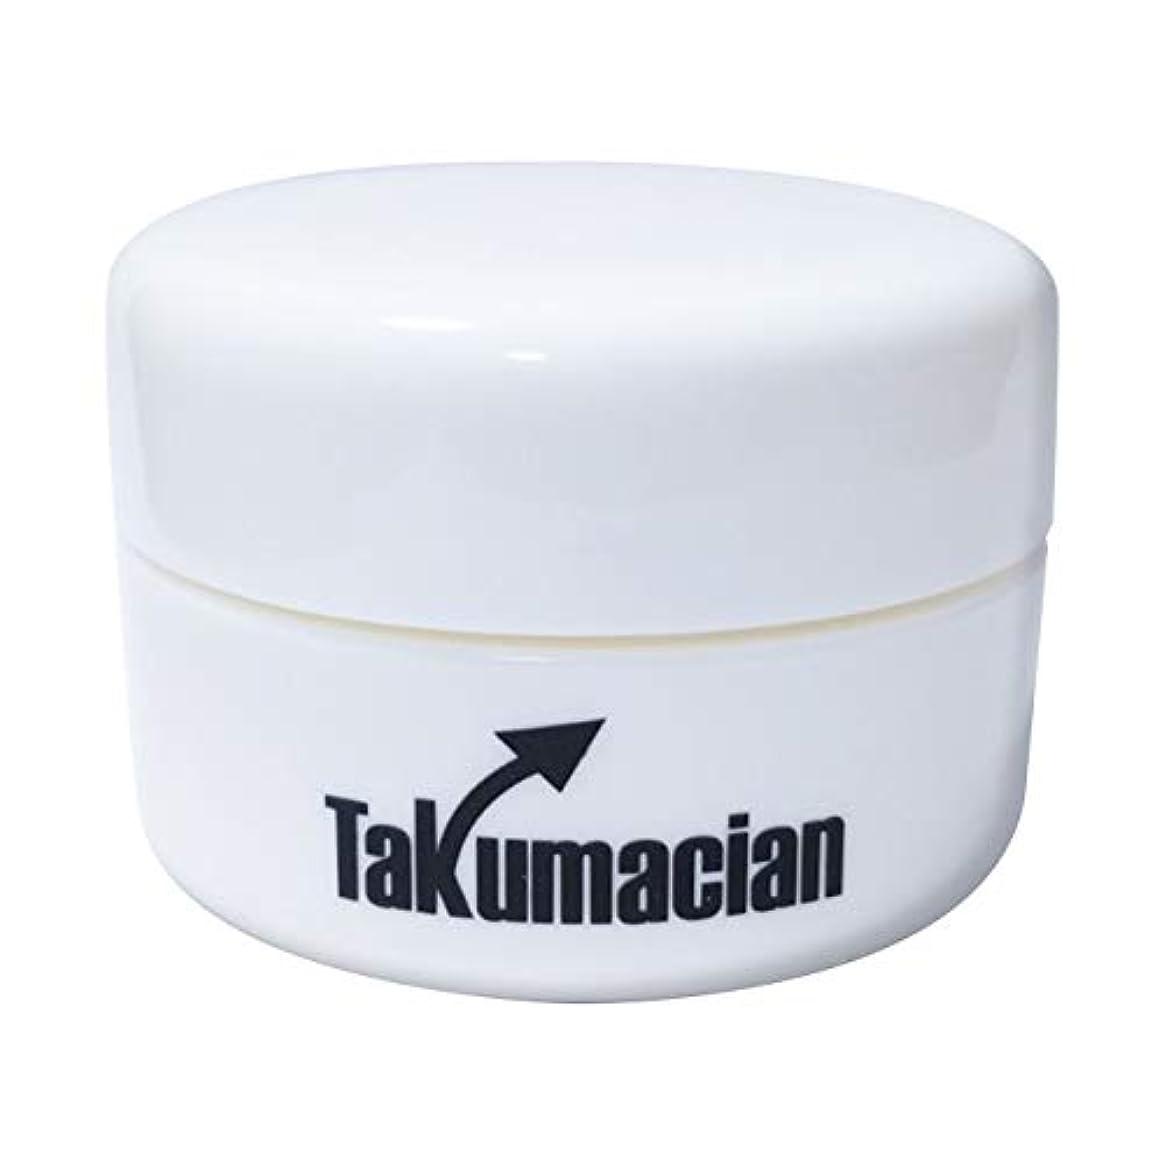 安全でない置き場経験的Takumacian タクマシアン ボディ用クリーム 男性用 長持ち 自信